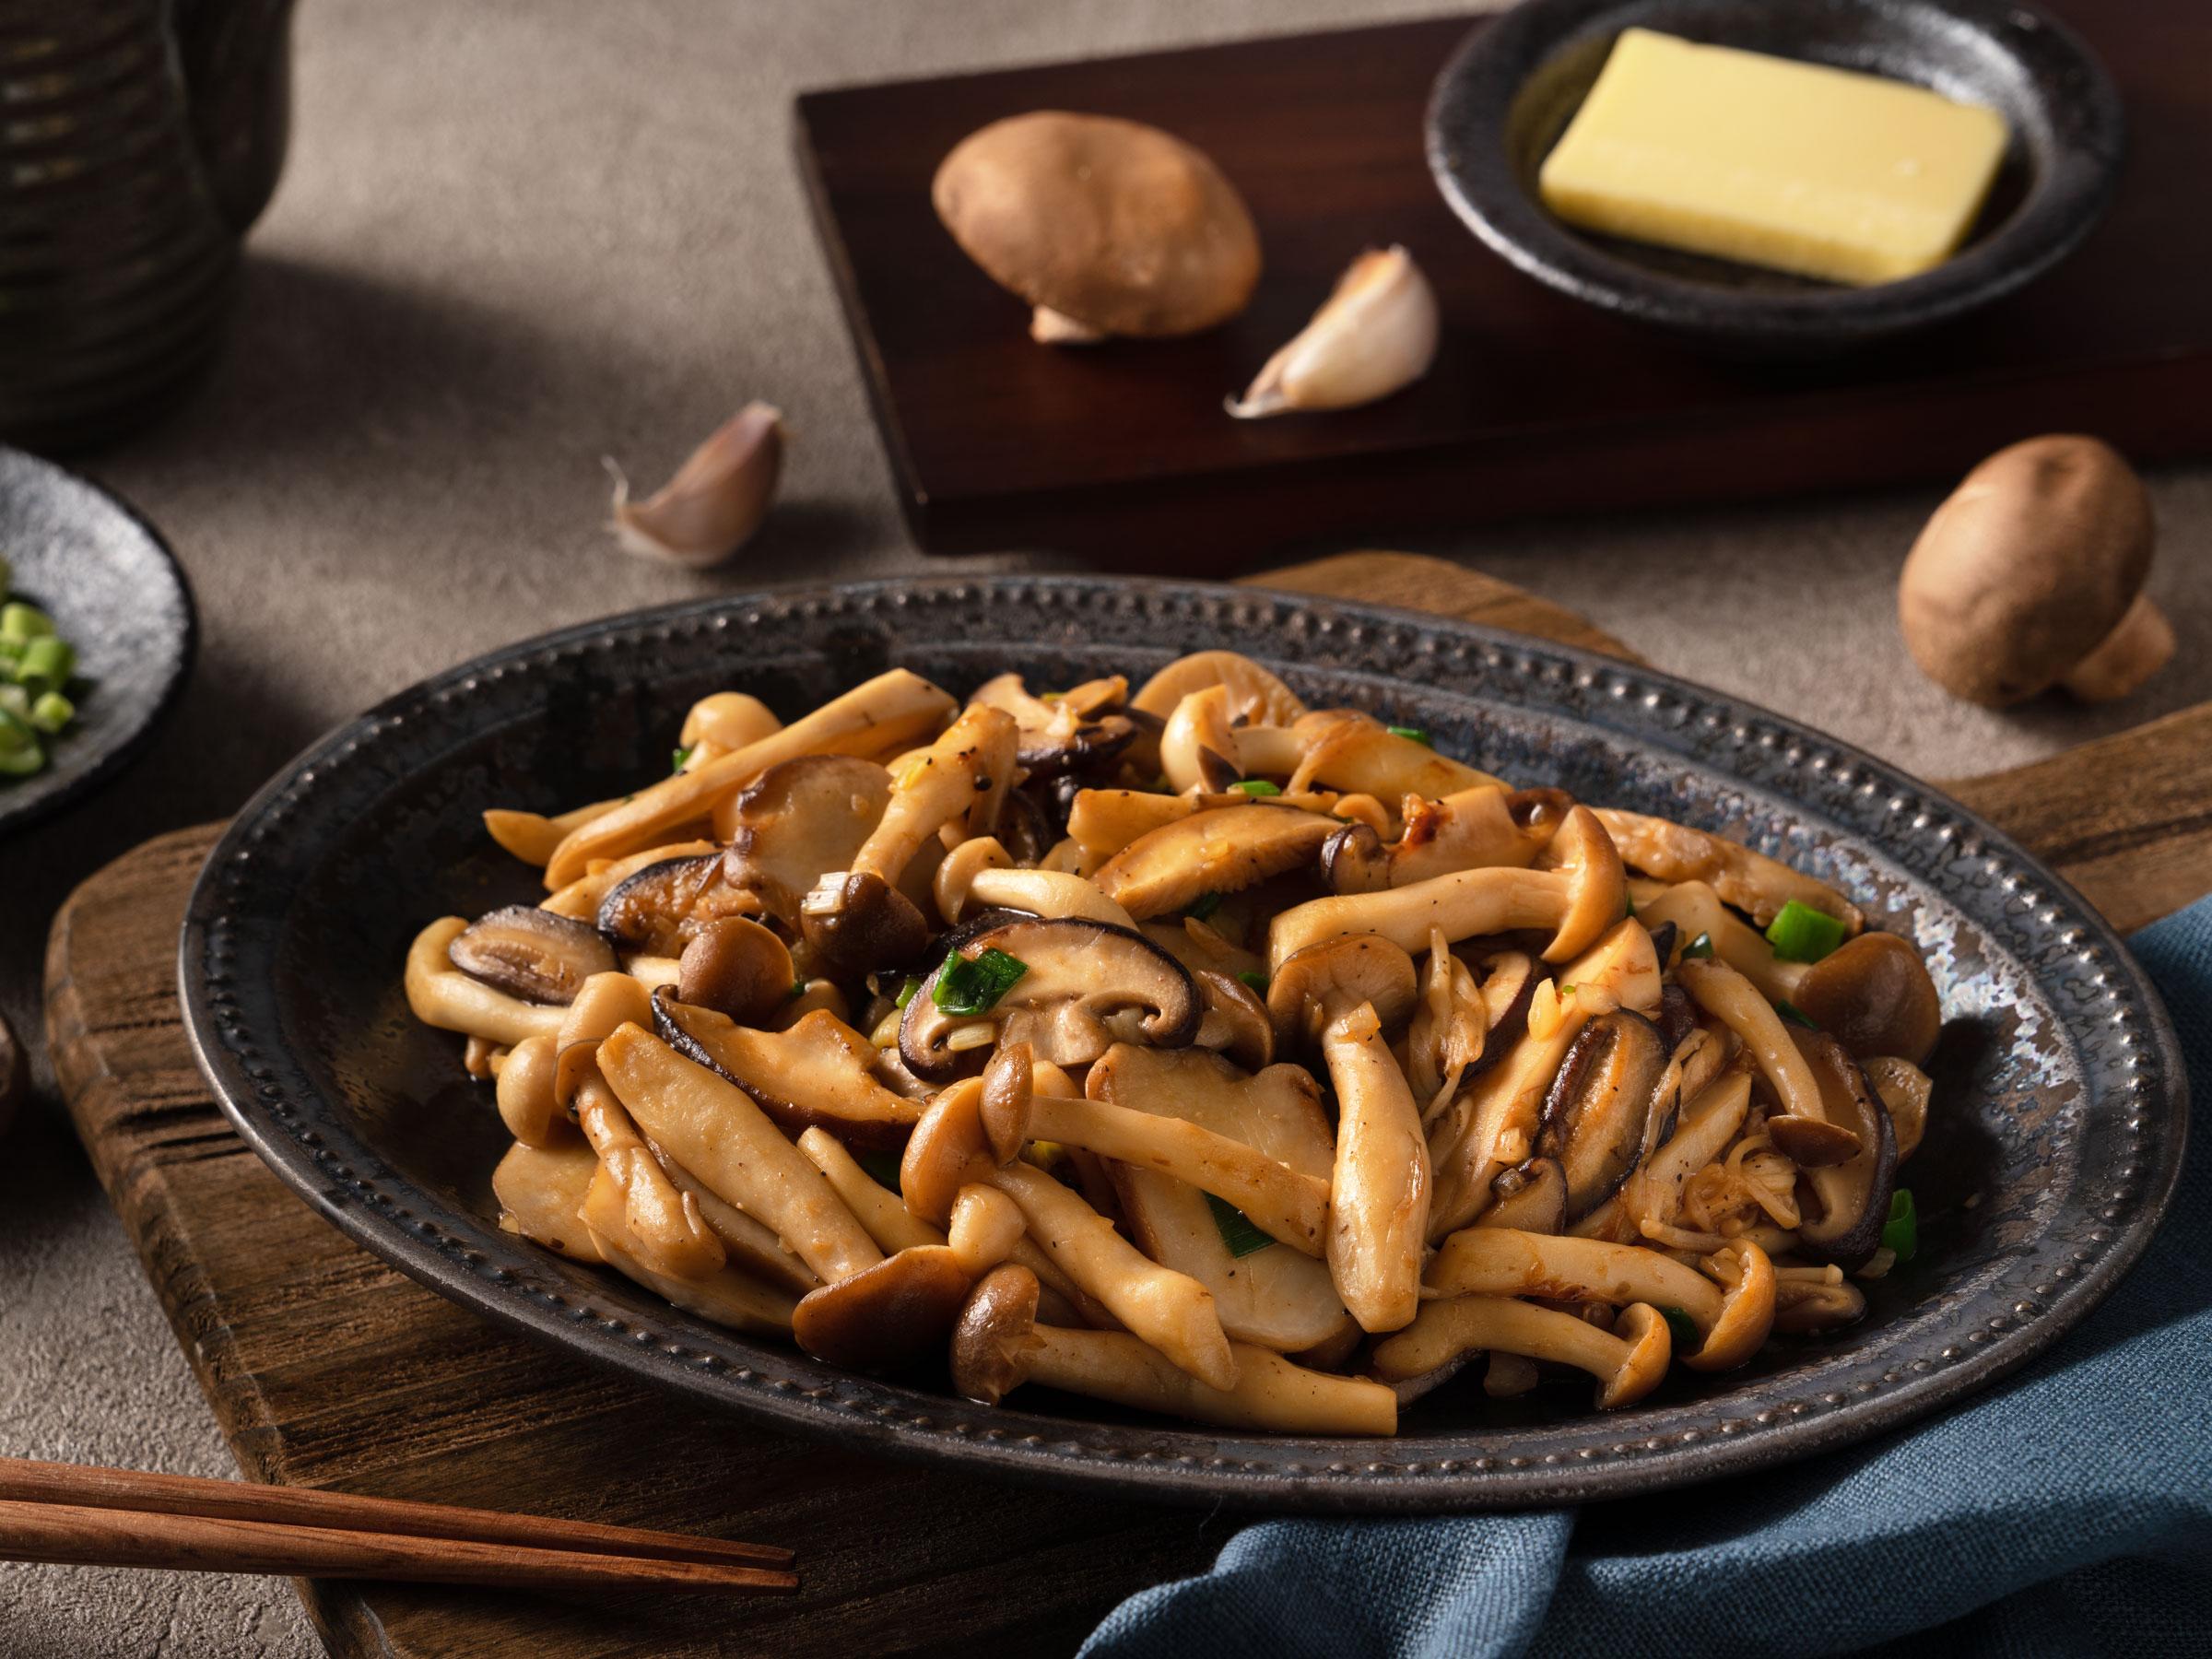 蒜香奶油炒什菇